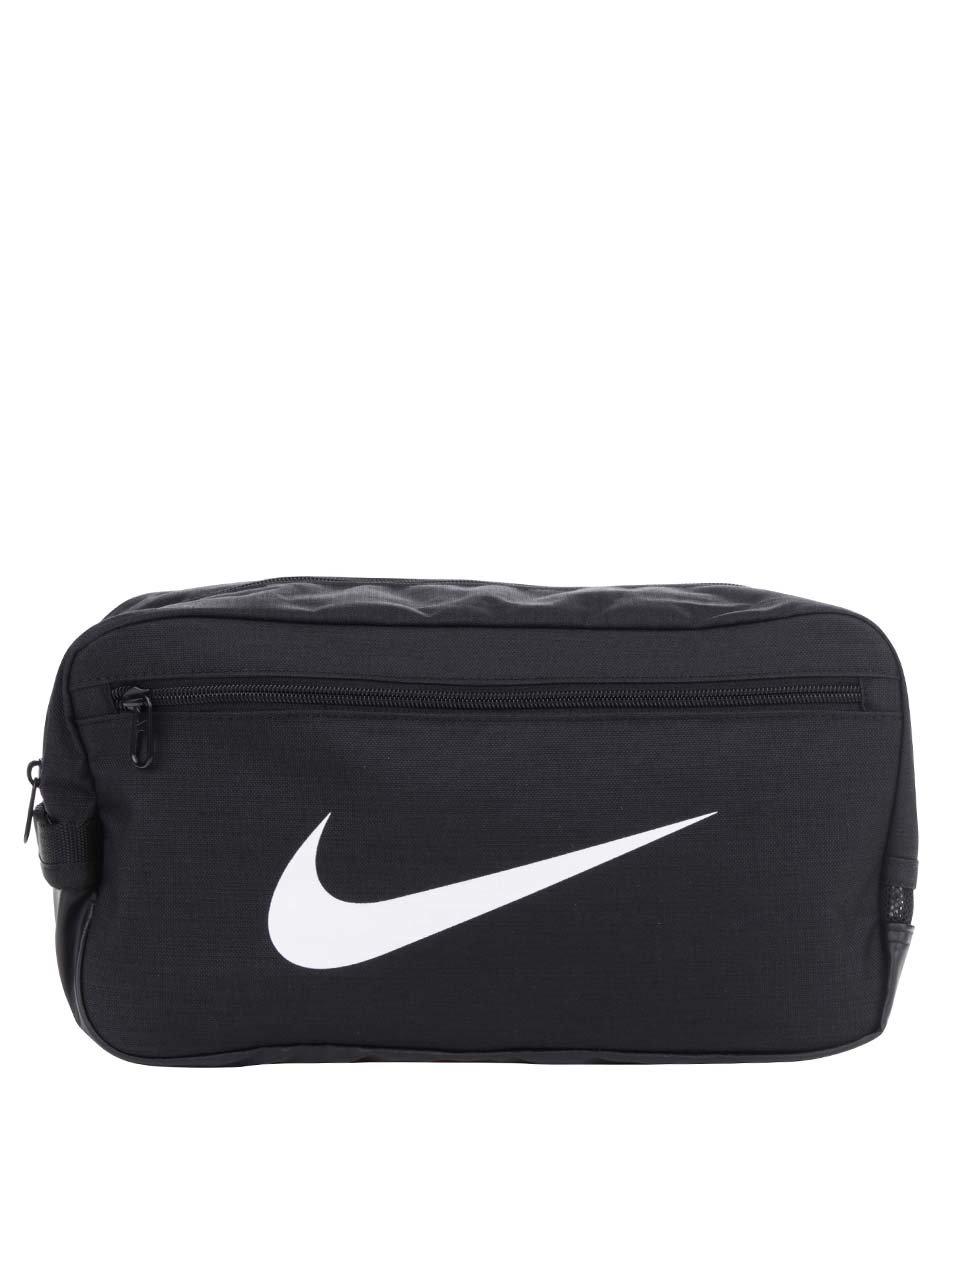 Černá unisex voděodolná taška na boty s potiskem Nike